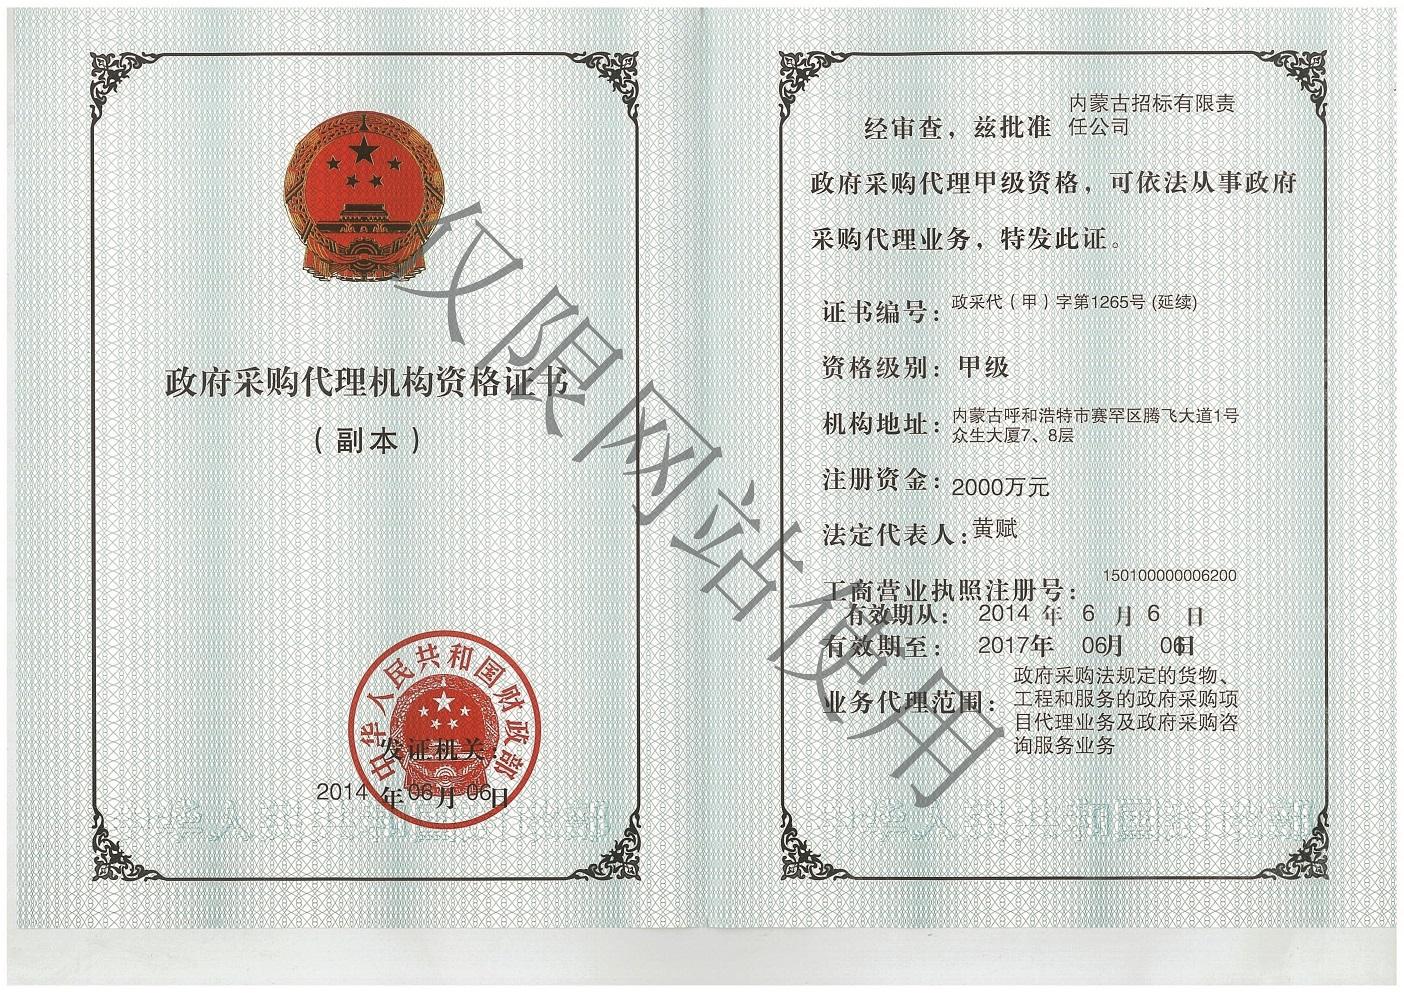 政府采购代理机构甲级资格证书副本